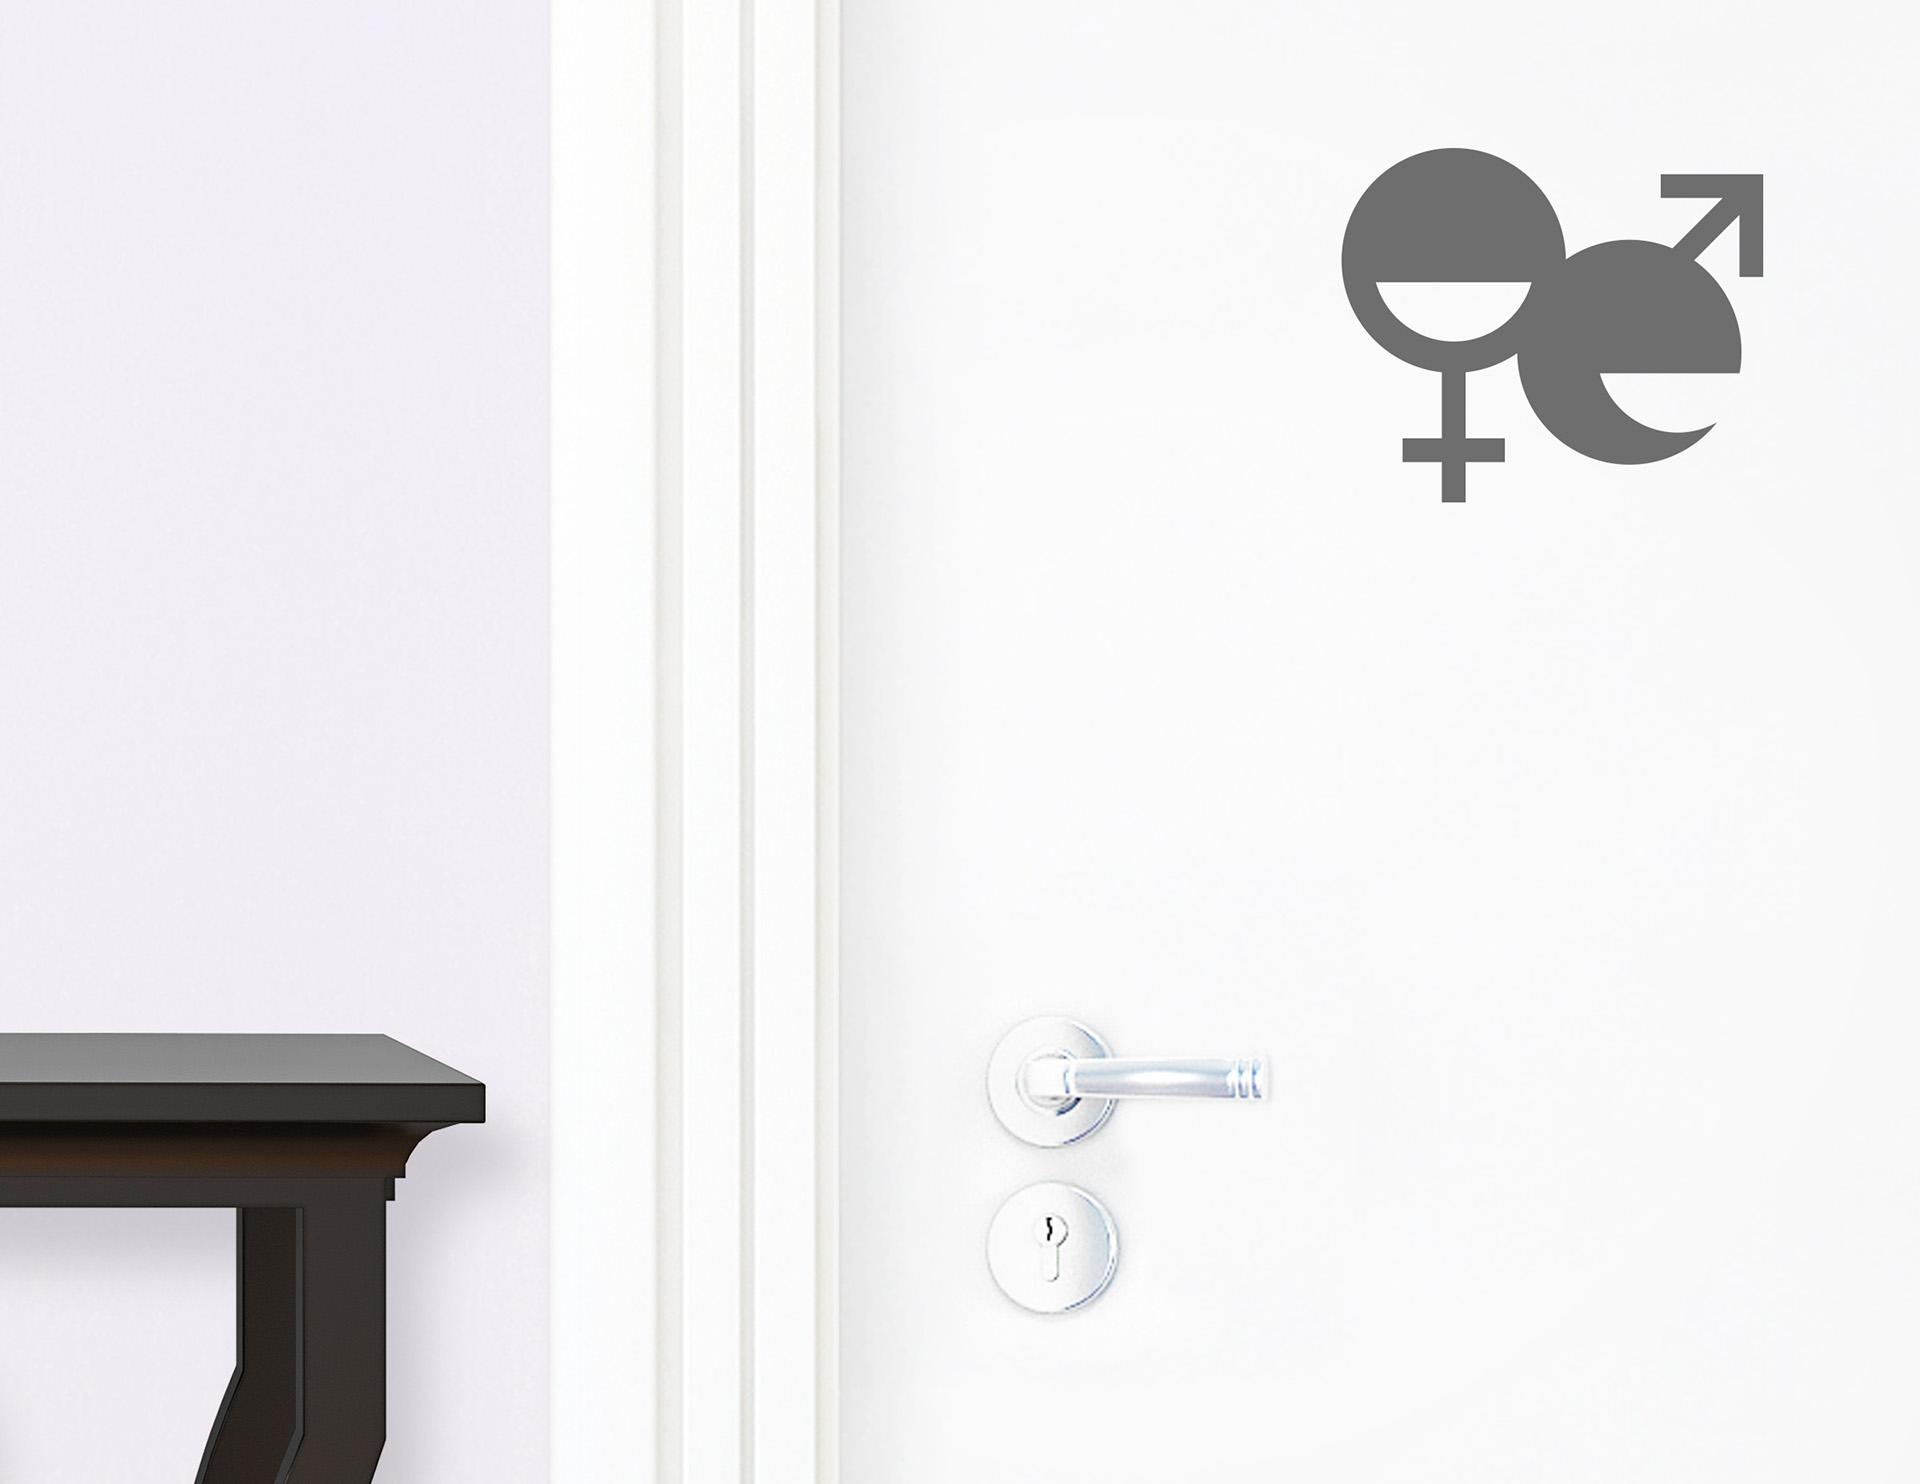 gender talk aufkleber f r die t r in bad g stetoilette. Black Bedroom Furniture Sets. Home Design Ideas